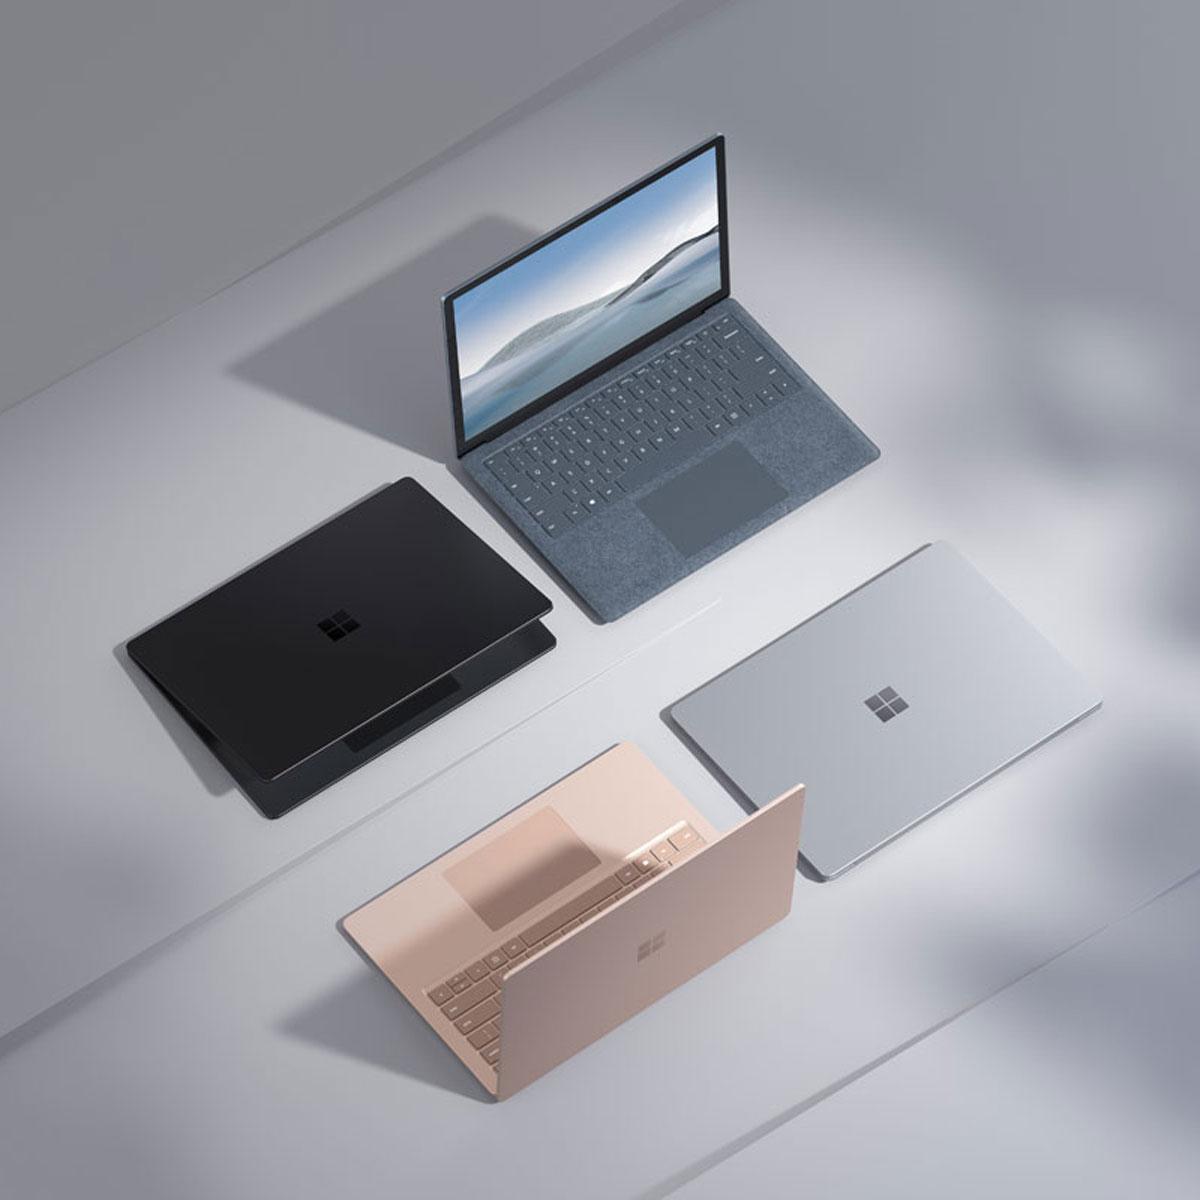 Surface Laptop 4 Uebersicht